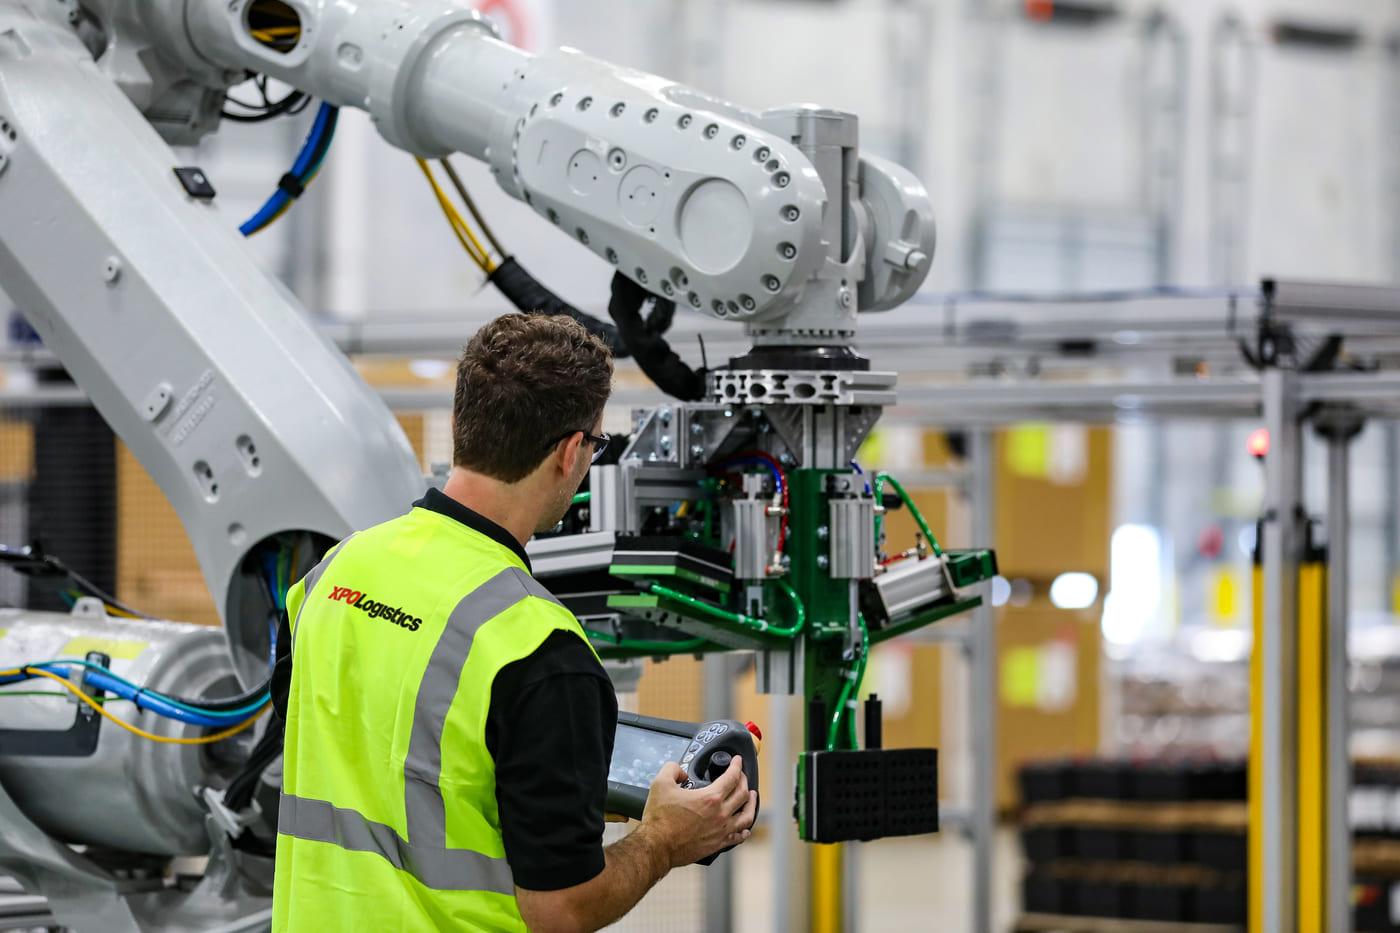 XPO Robot Operator